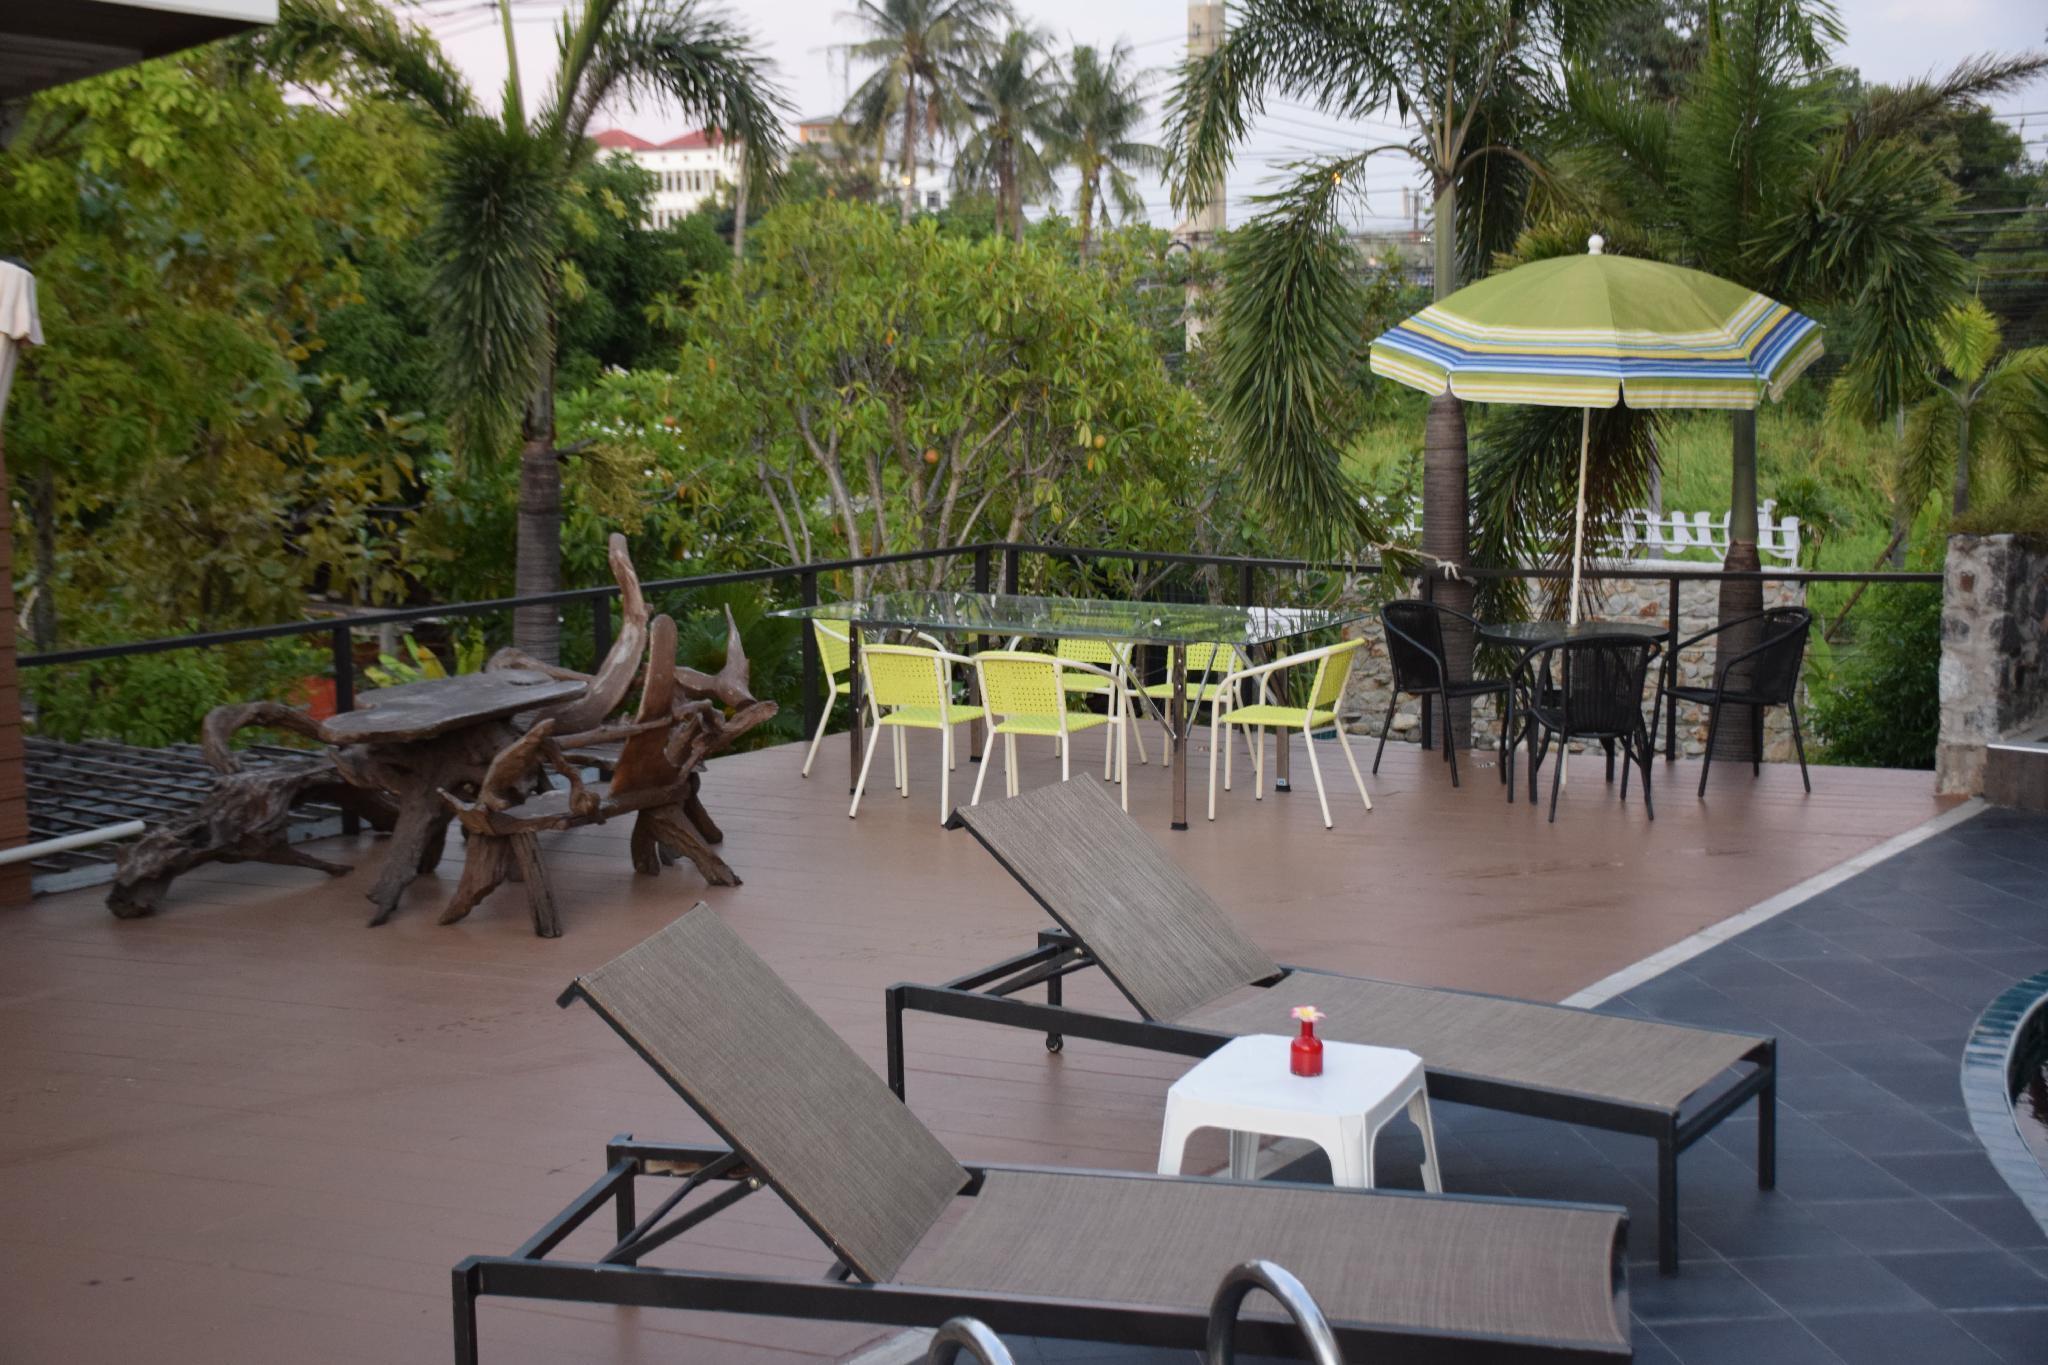 Baan Krating Lai บ้านกระทิงลาย